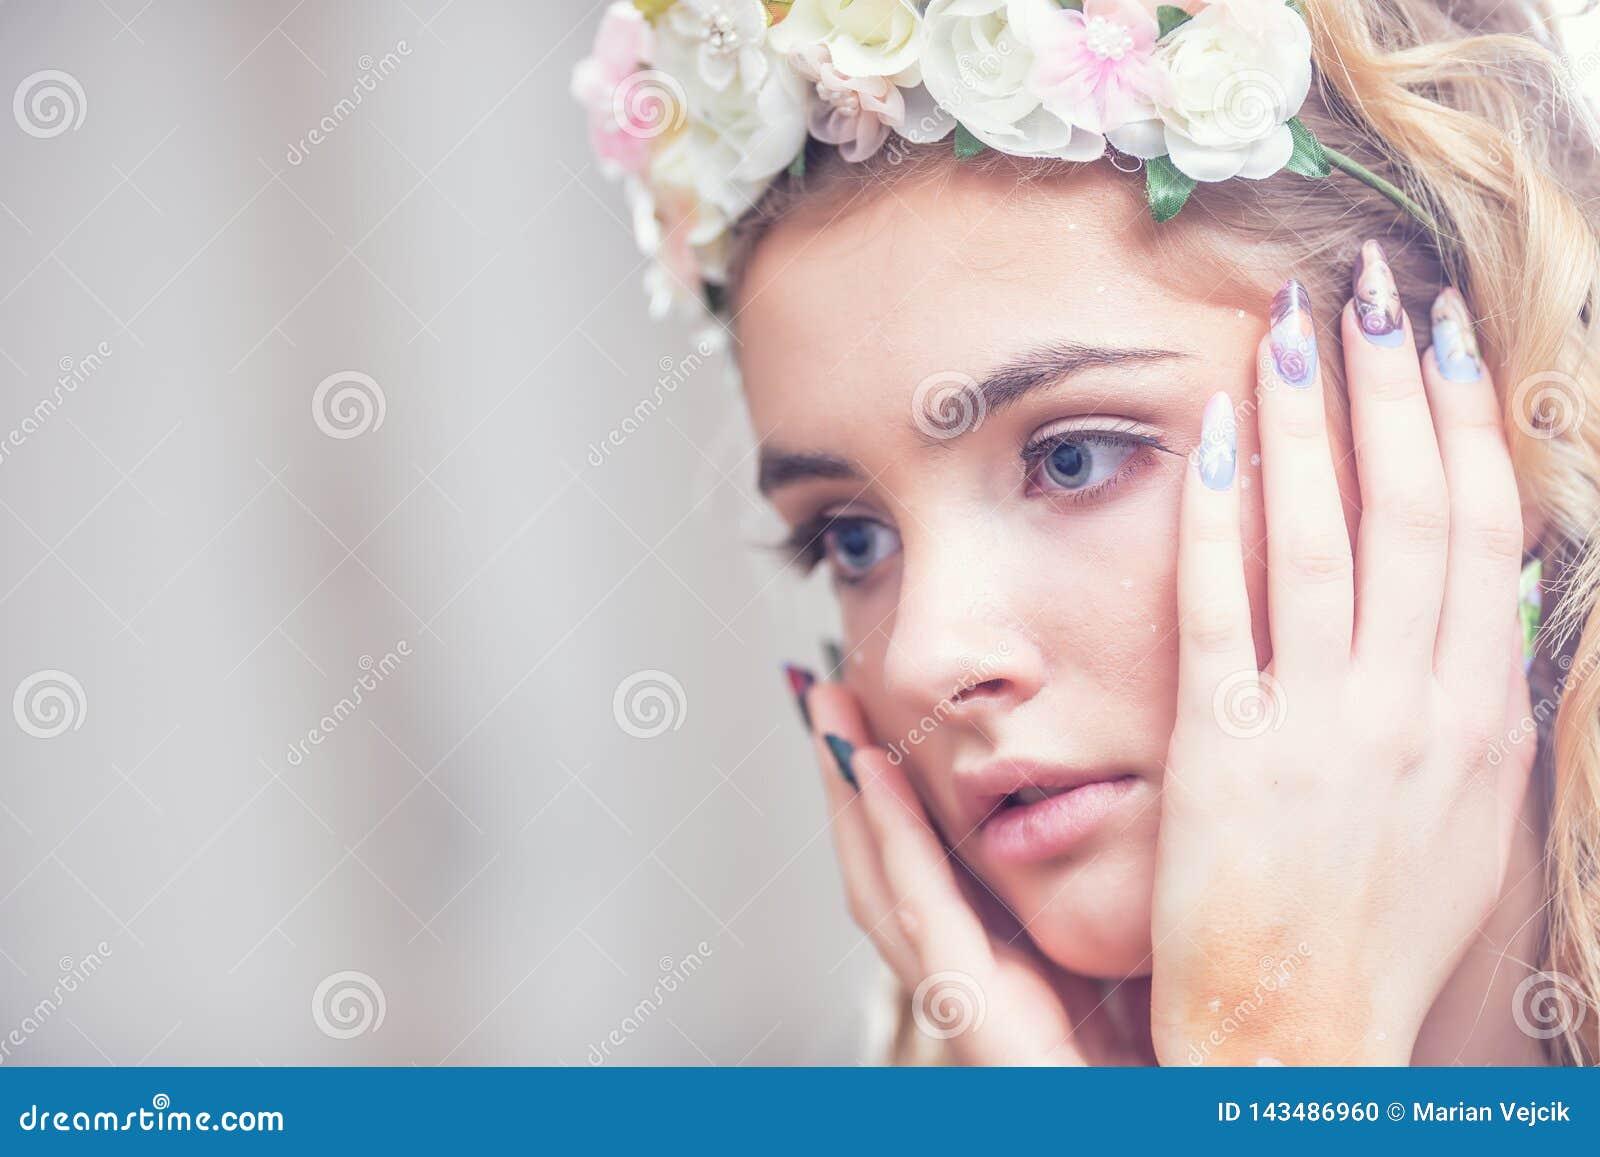 Retrato de los clavos creativos del arte del maquillaje de la muchacha hermosa de la moda y labios y piel perfectos de los ojos